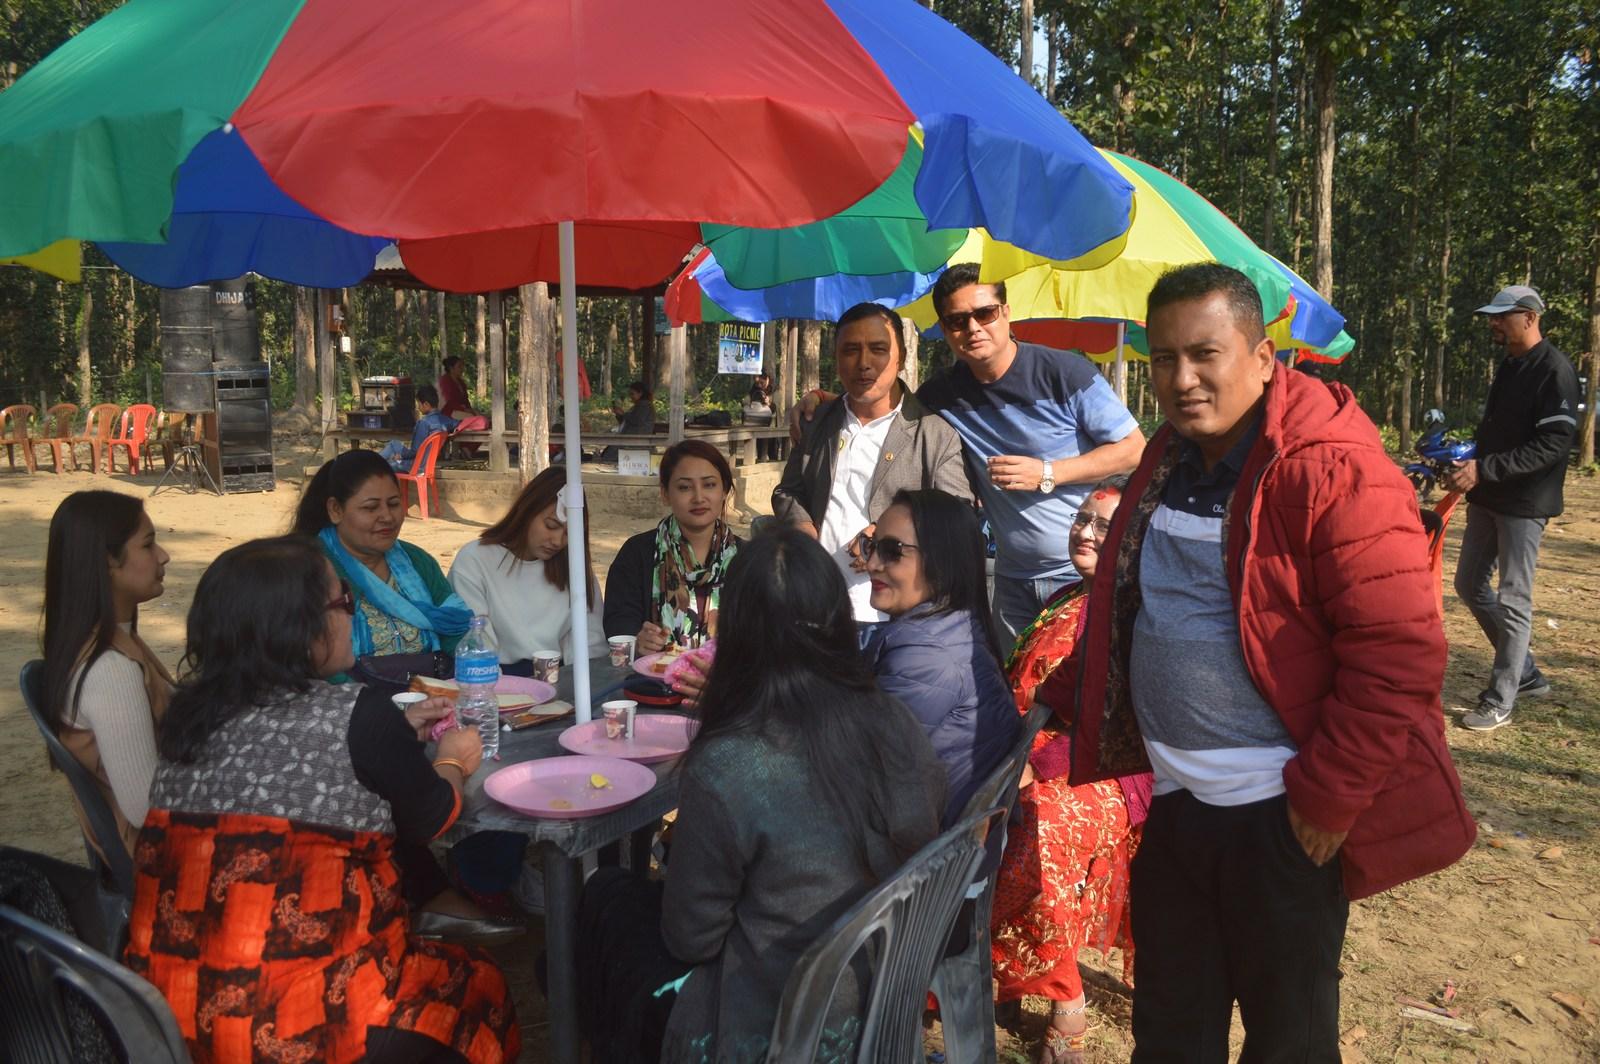 Rota-Picnic-2017-Rotary-Club-of-Kakarvitta-15